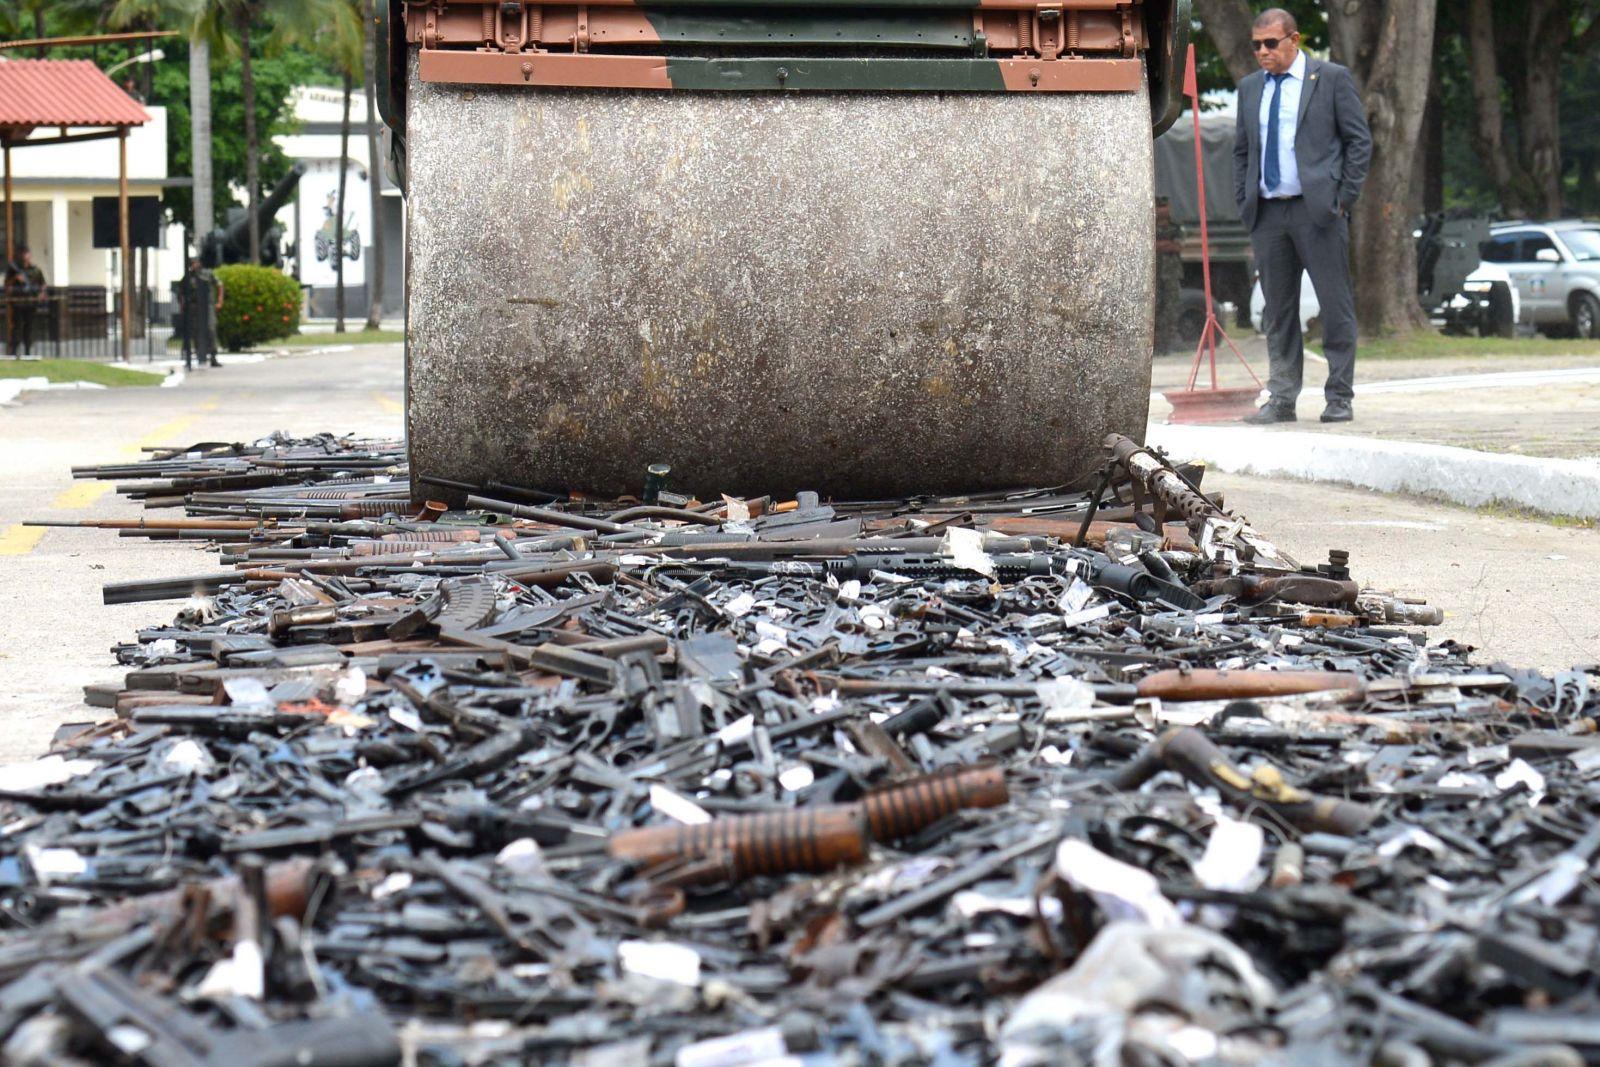 Campanha do Desarmamento iniciada após a aprovação do Estatuto retirou de circulação 570 mil armas até 2011, que foram destruídas pelo Exército. Foto:Foto: Tânia Rêgo - Agência Brasil